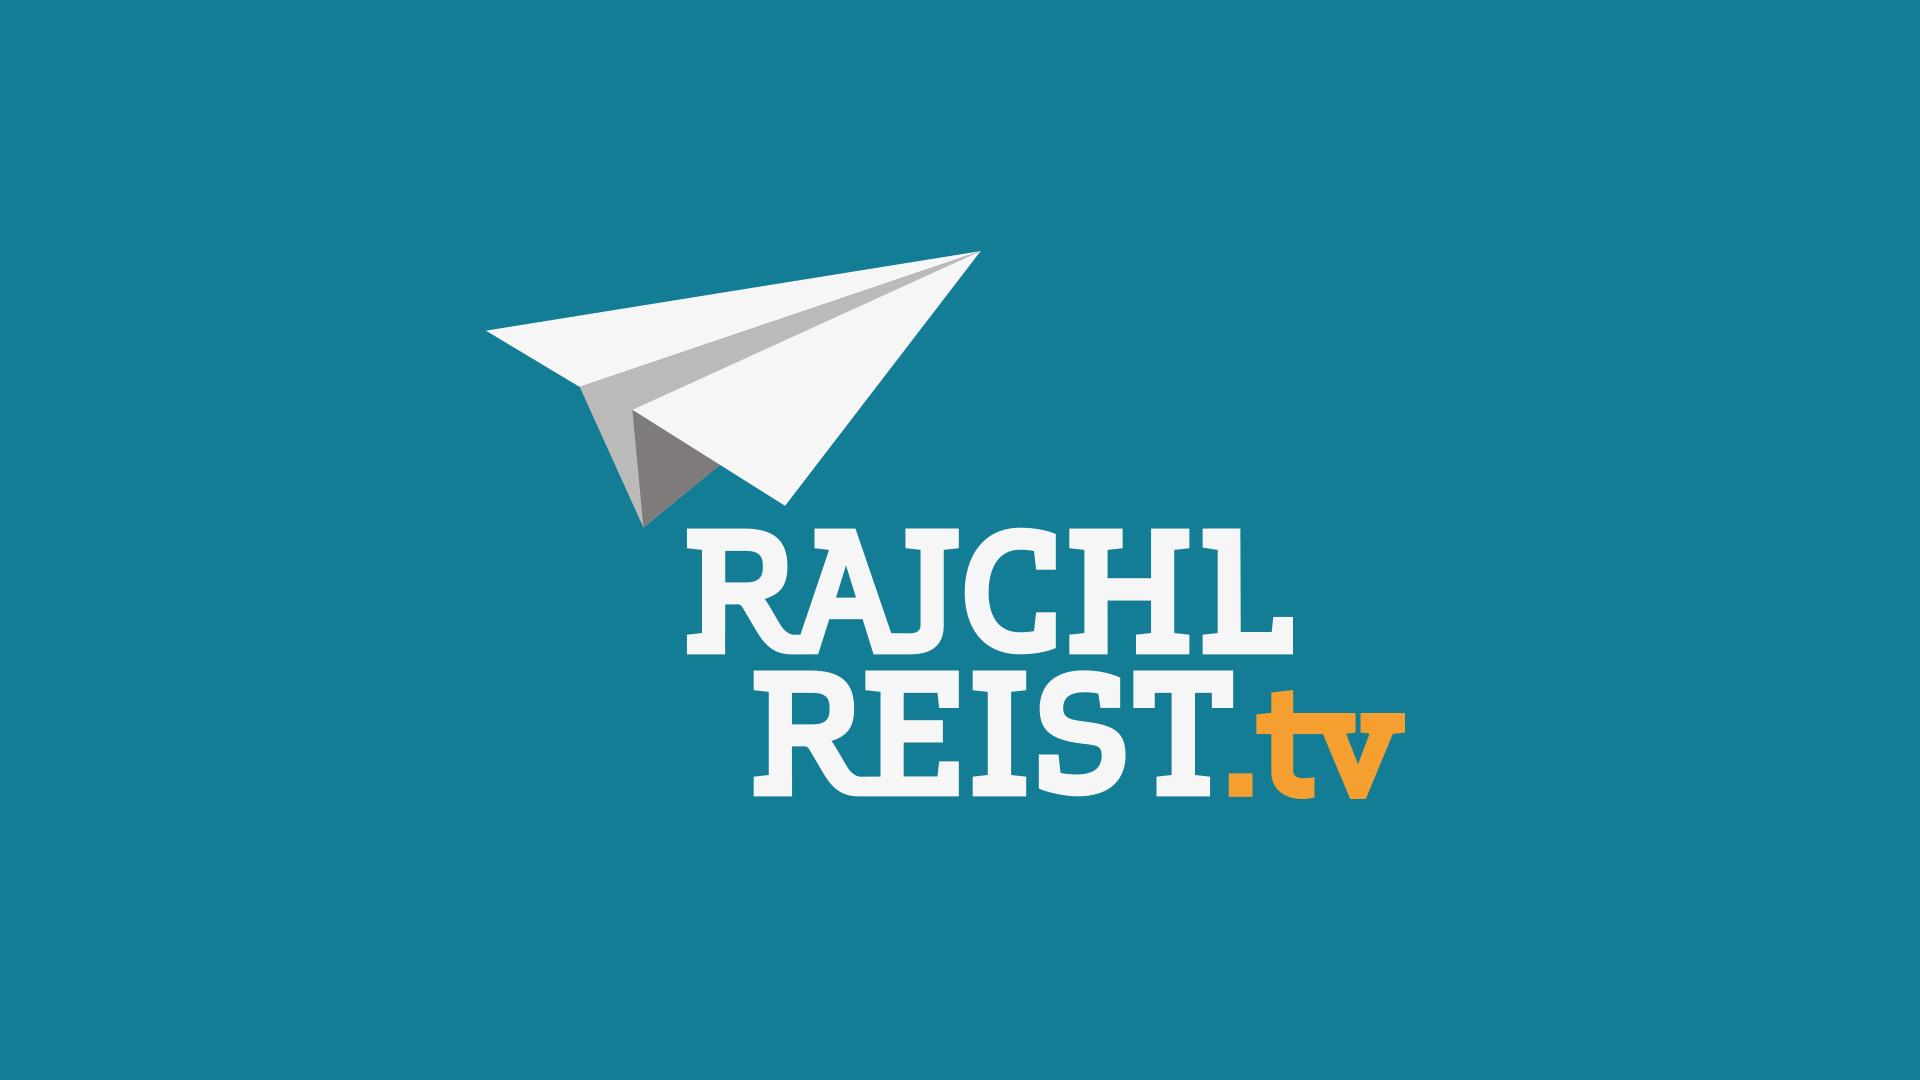 Jetzt für den RAJCHLREIST.tv Newsletter anmelden!